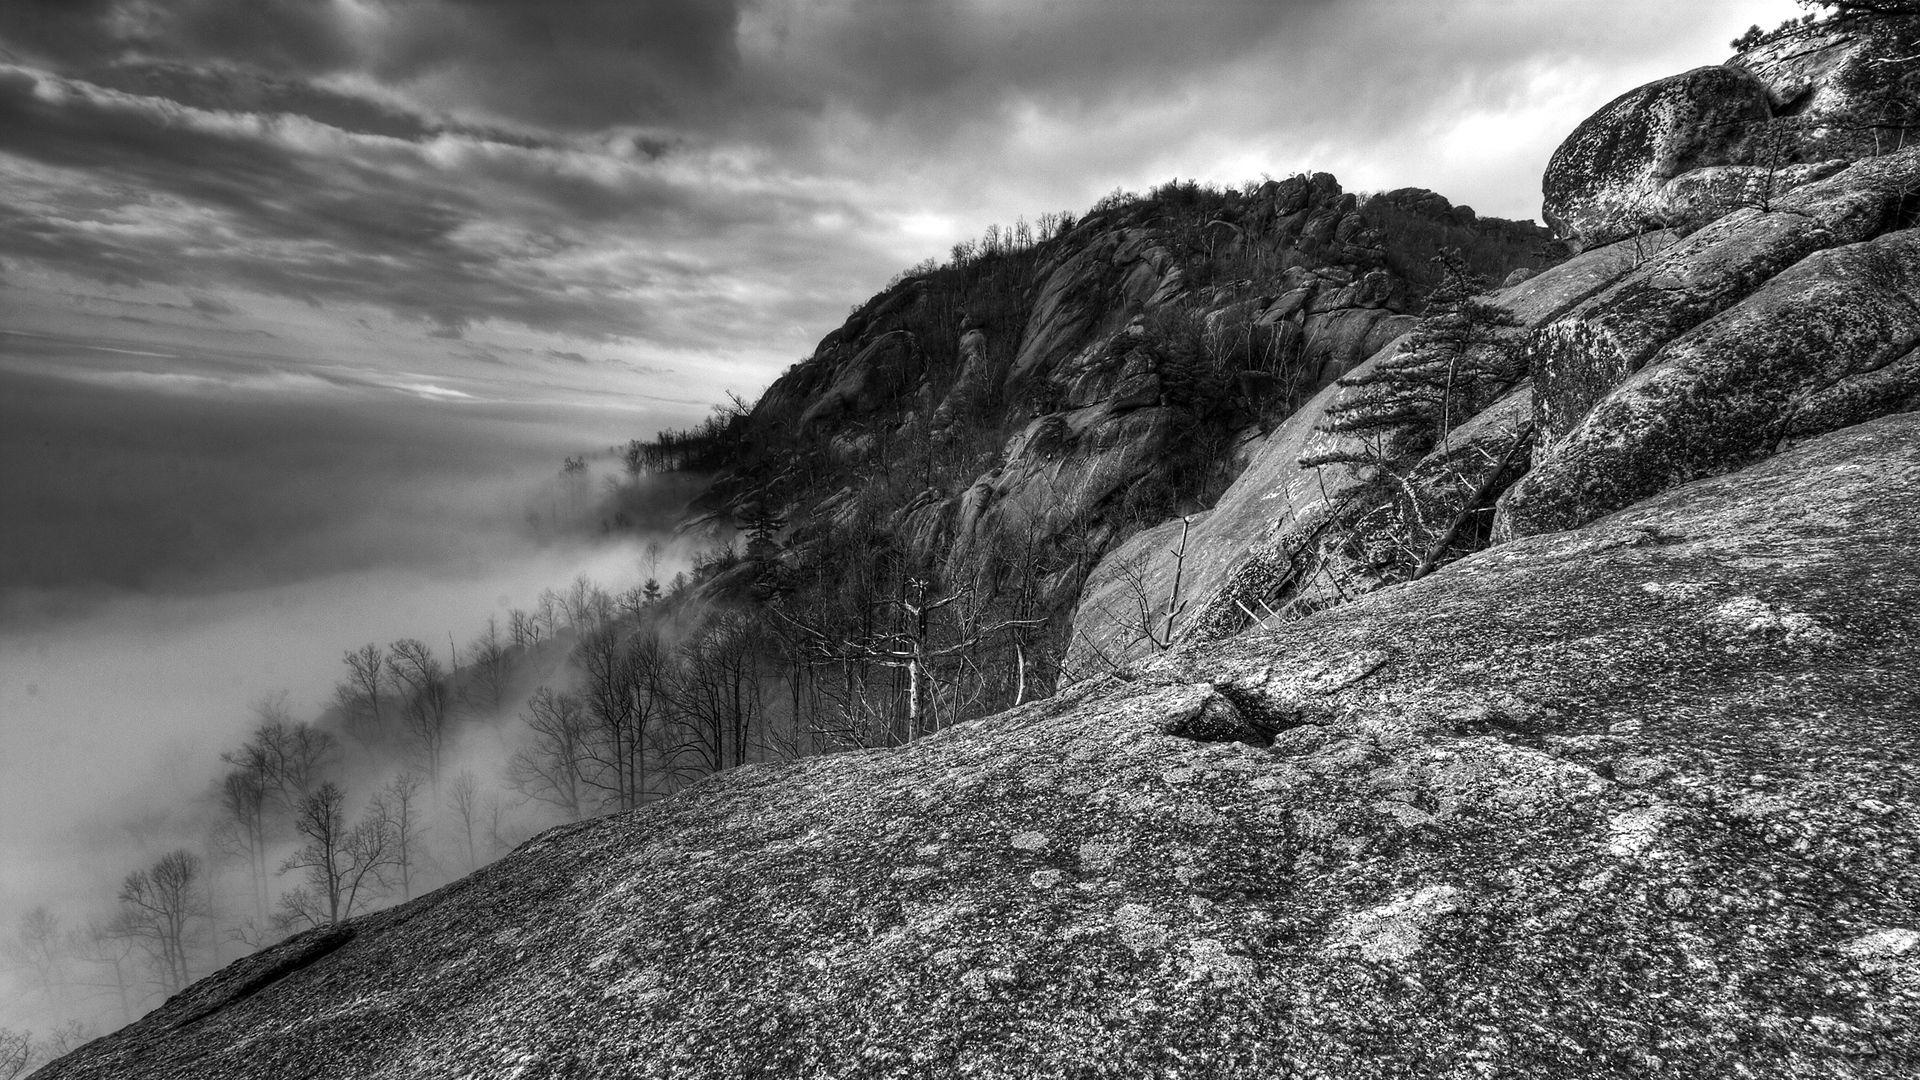 107011 baixar papel de parede Natureza, As Rochas, Rochas, Árvores, Névoa, Nevoeiro, Preto E Branco, Montanhas - protetores de tela e imagens gratuitamente